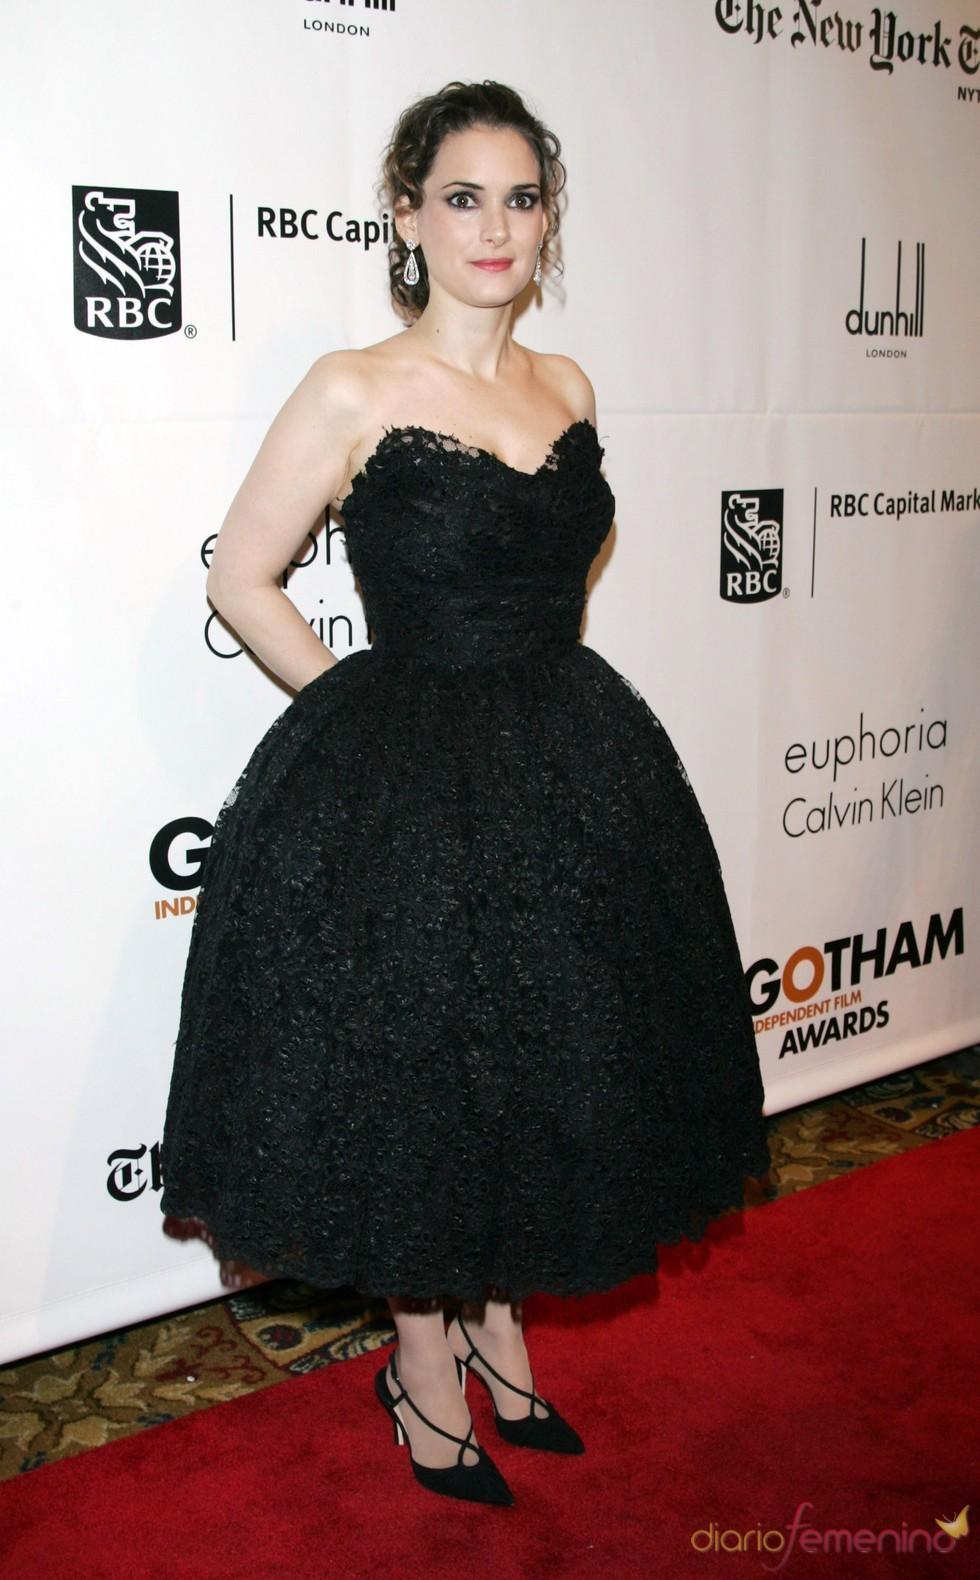 Winona Ryder a su llegada a los premios Gotham en Nueva York